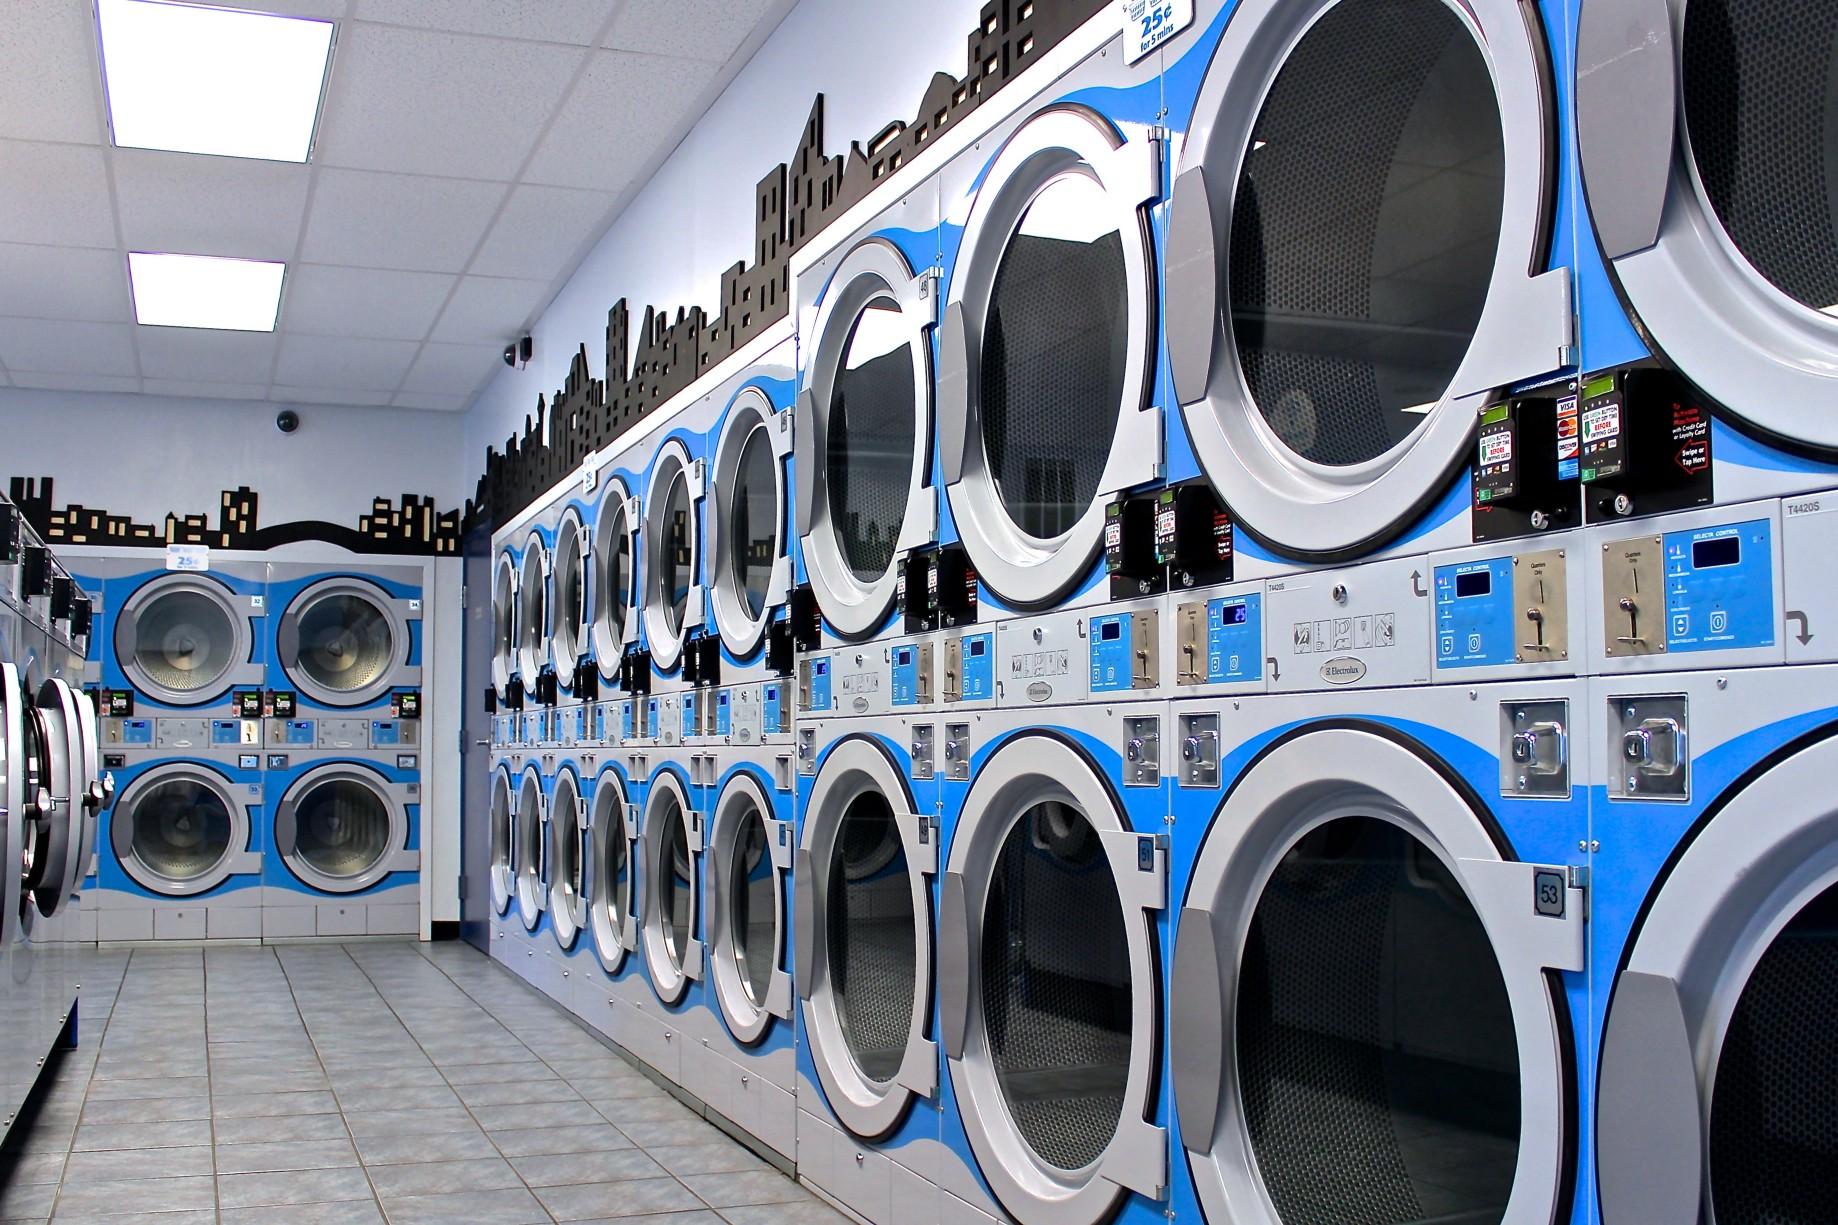 Dịch vụ giặt khô là hơi tại Hà Nội